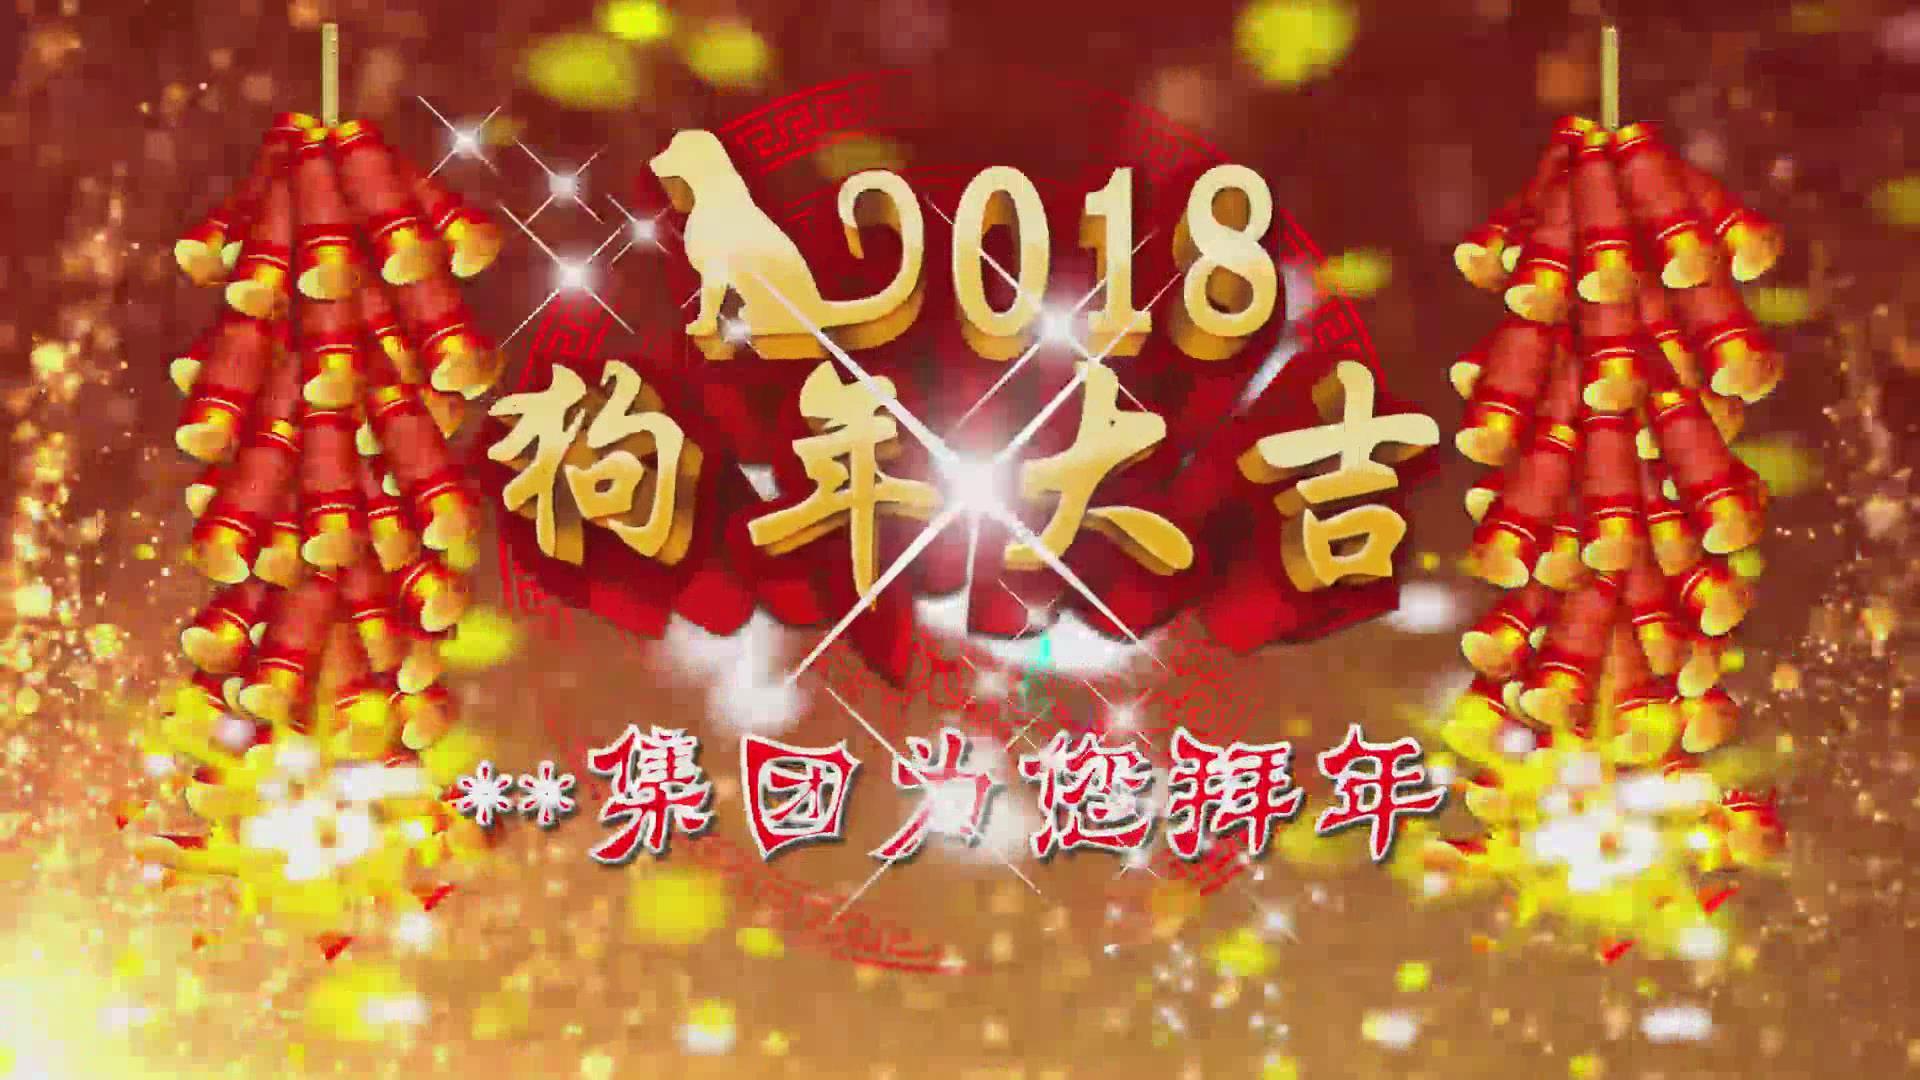 【原创】(七律两章)迎新年 - 小宋 - 小宋的乐园